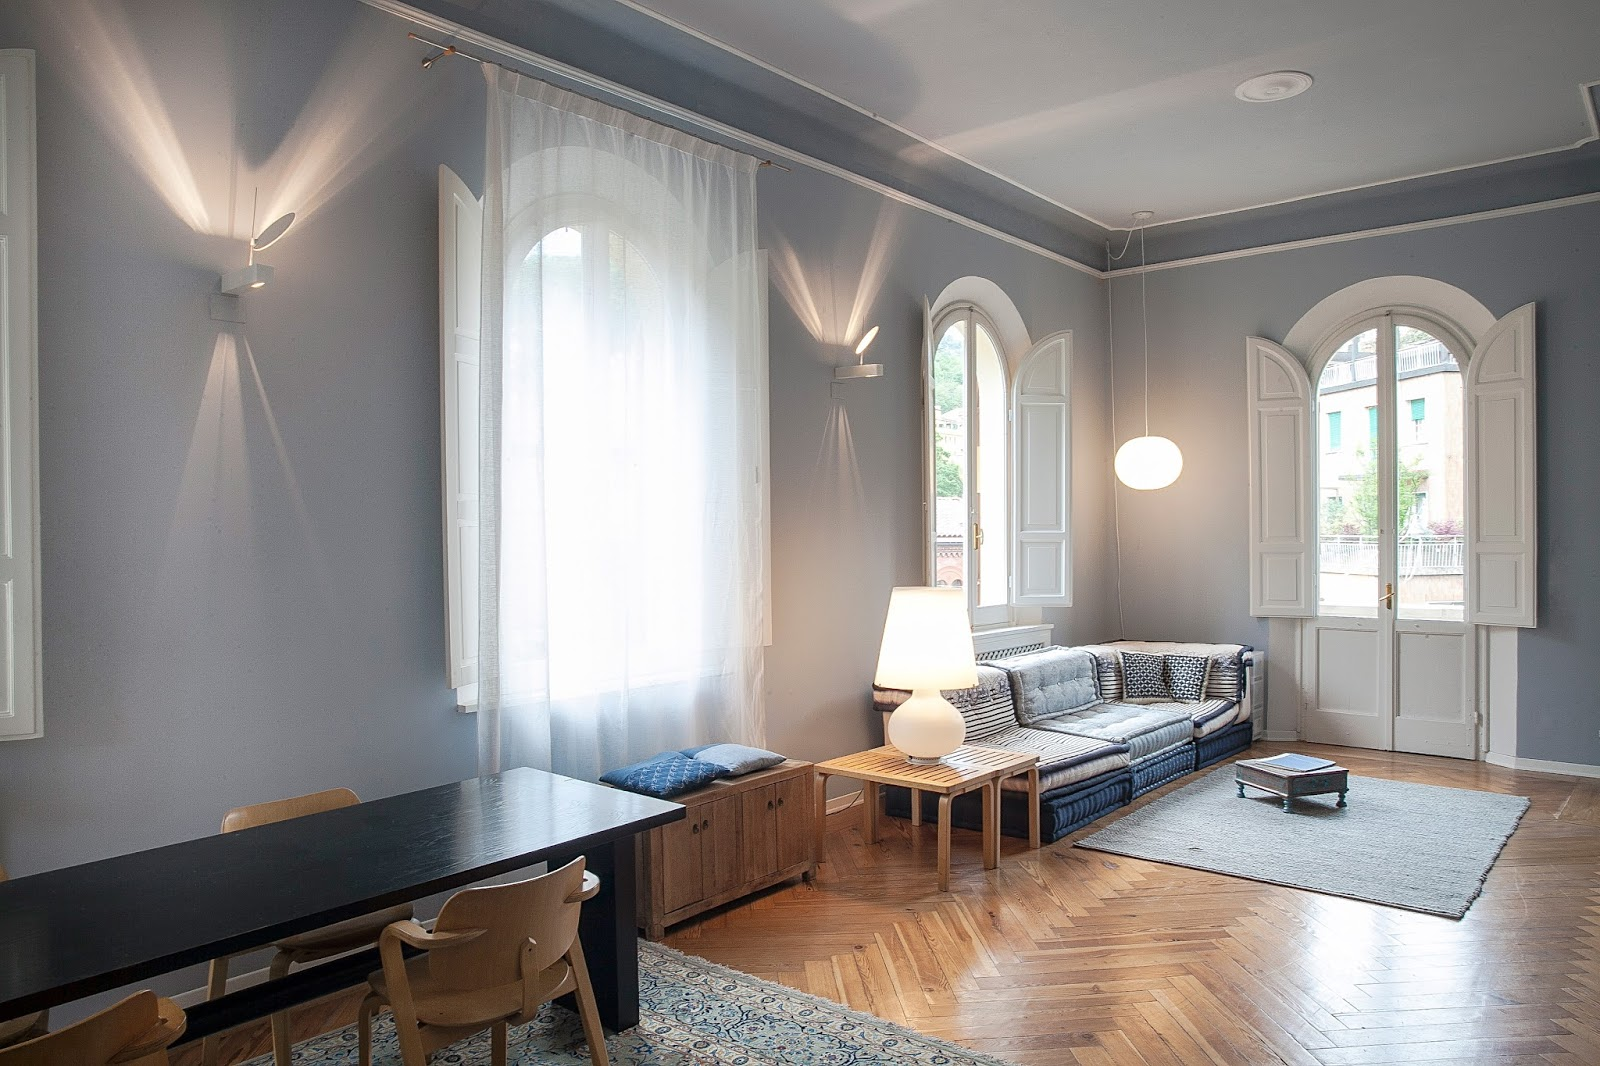 Abitazione in villa liberty ai piedi della collina for Design della casa di 750 piedi quadrati